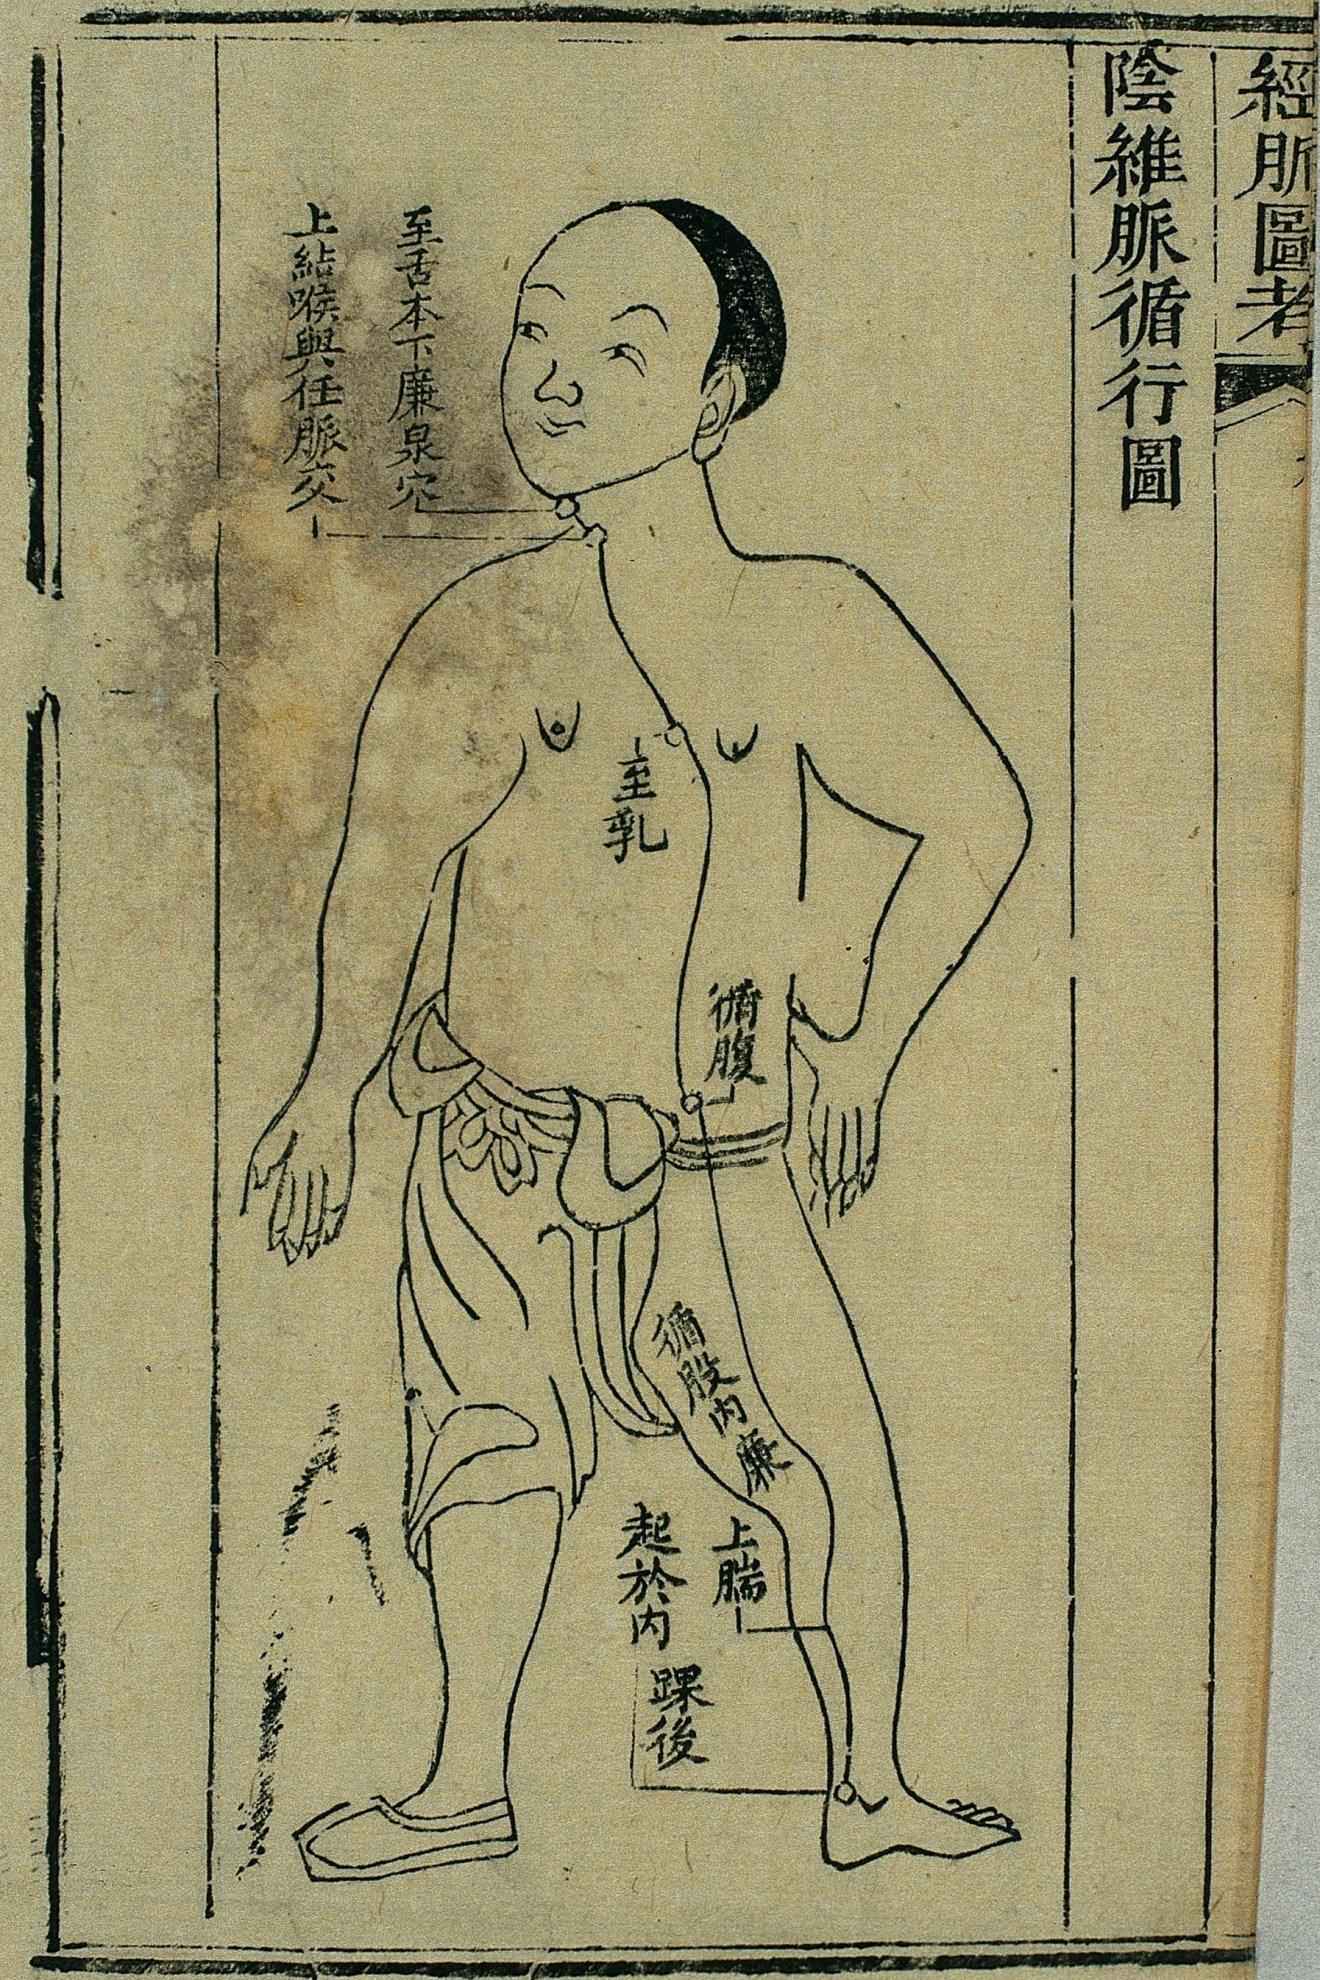 Gravure sur bois, illustrant le trajet du 阴维脉 yīn wéi mài